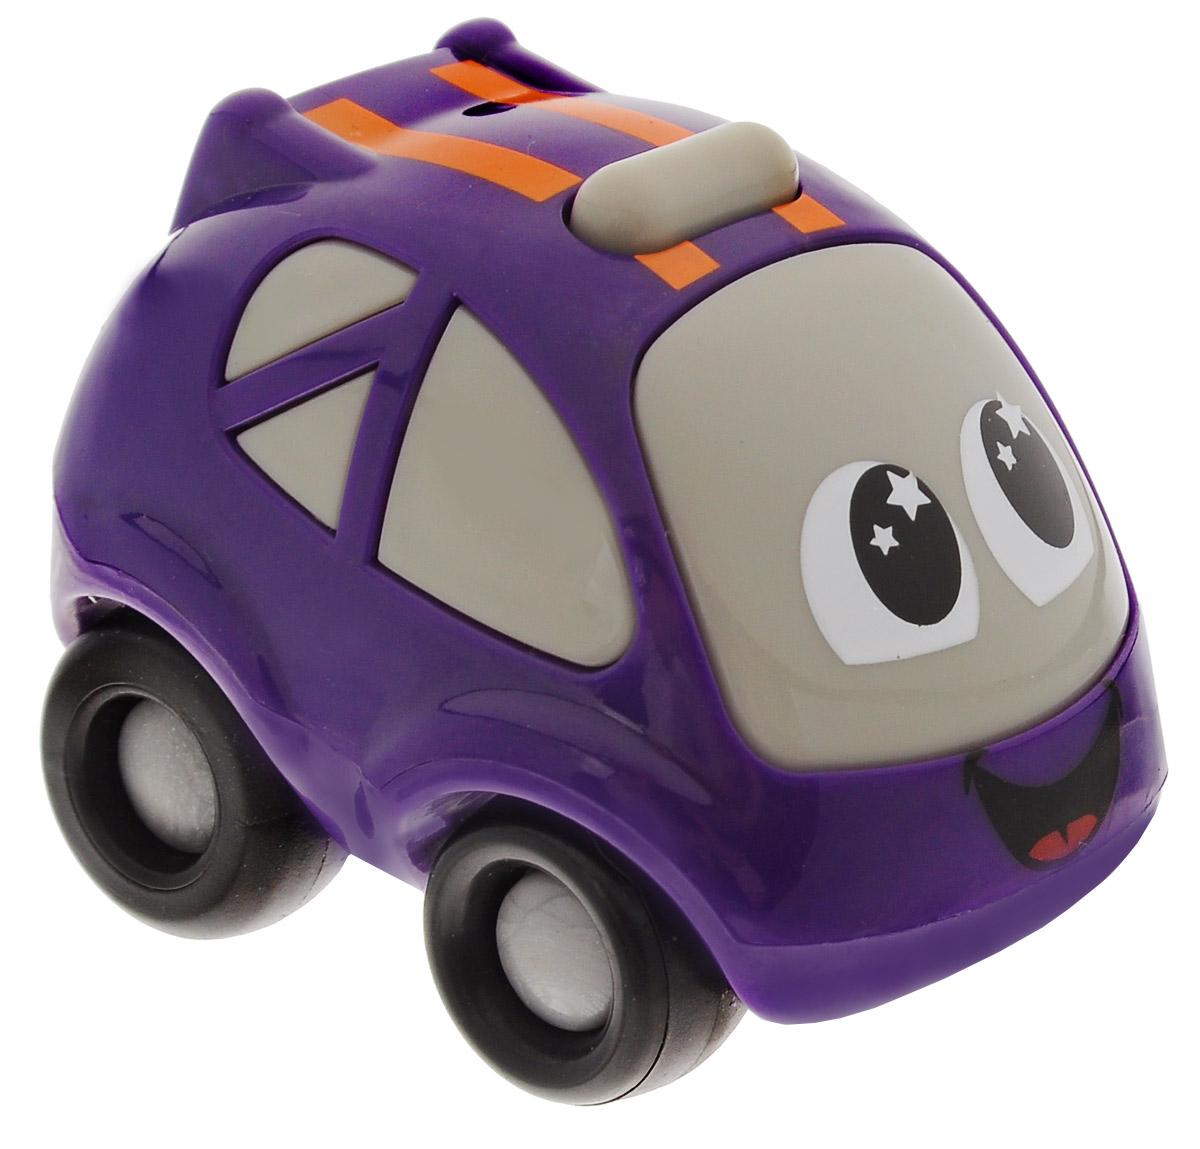 цена на Smoby Машинка Vroom Planet цвет фиолетовый